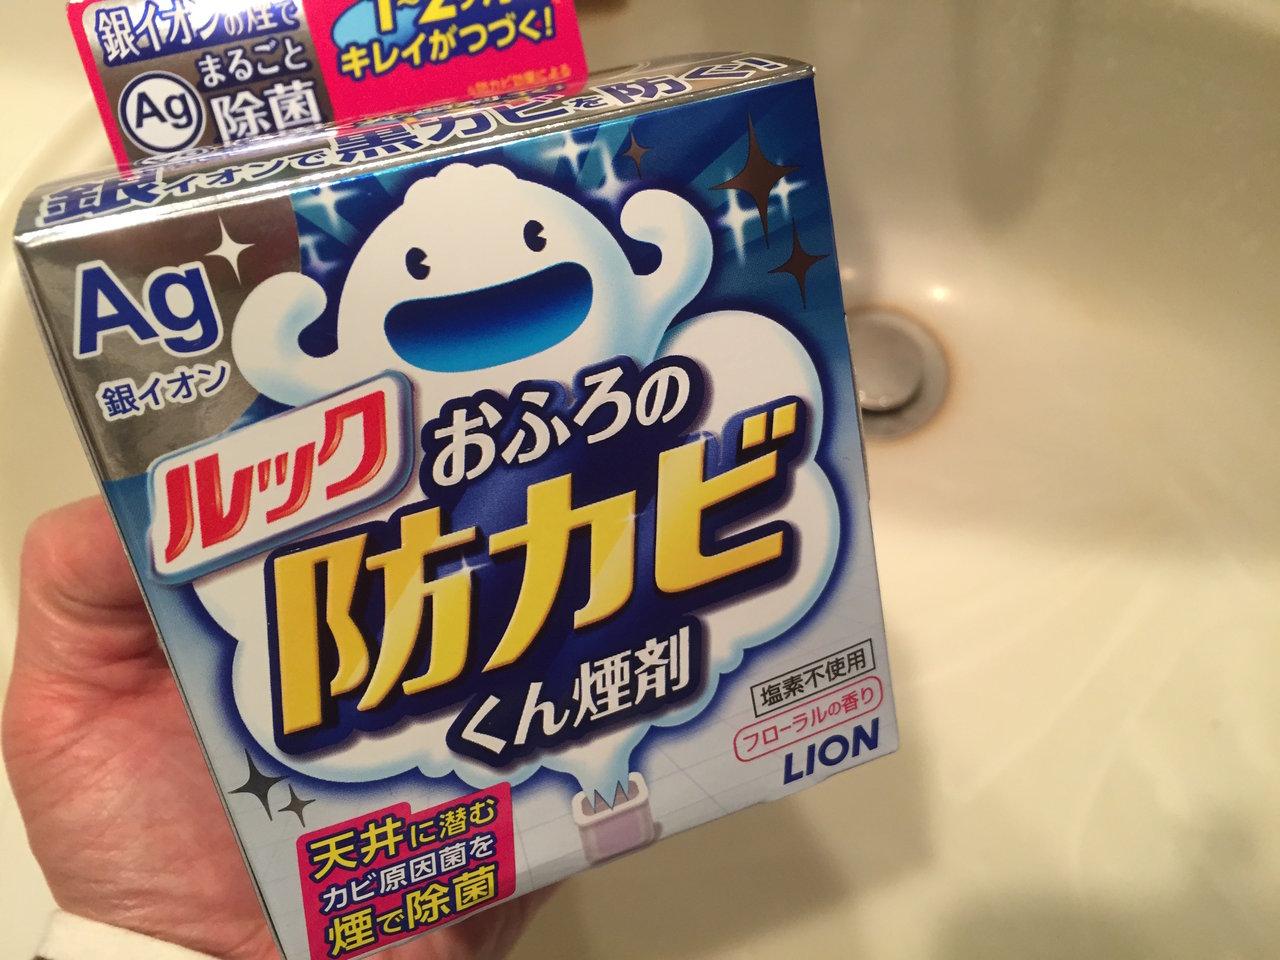 お風呂掃除の仕上げに「防かびくん煙剤」が激オススメ